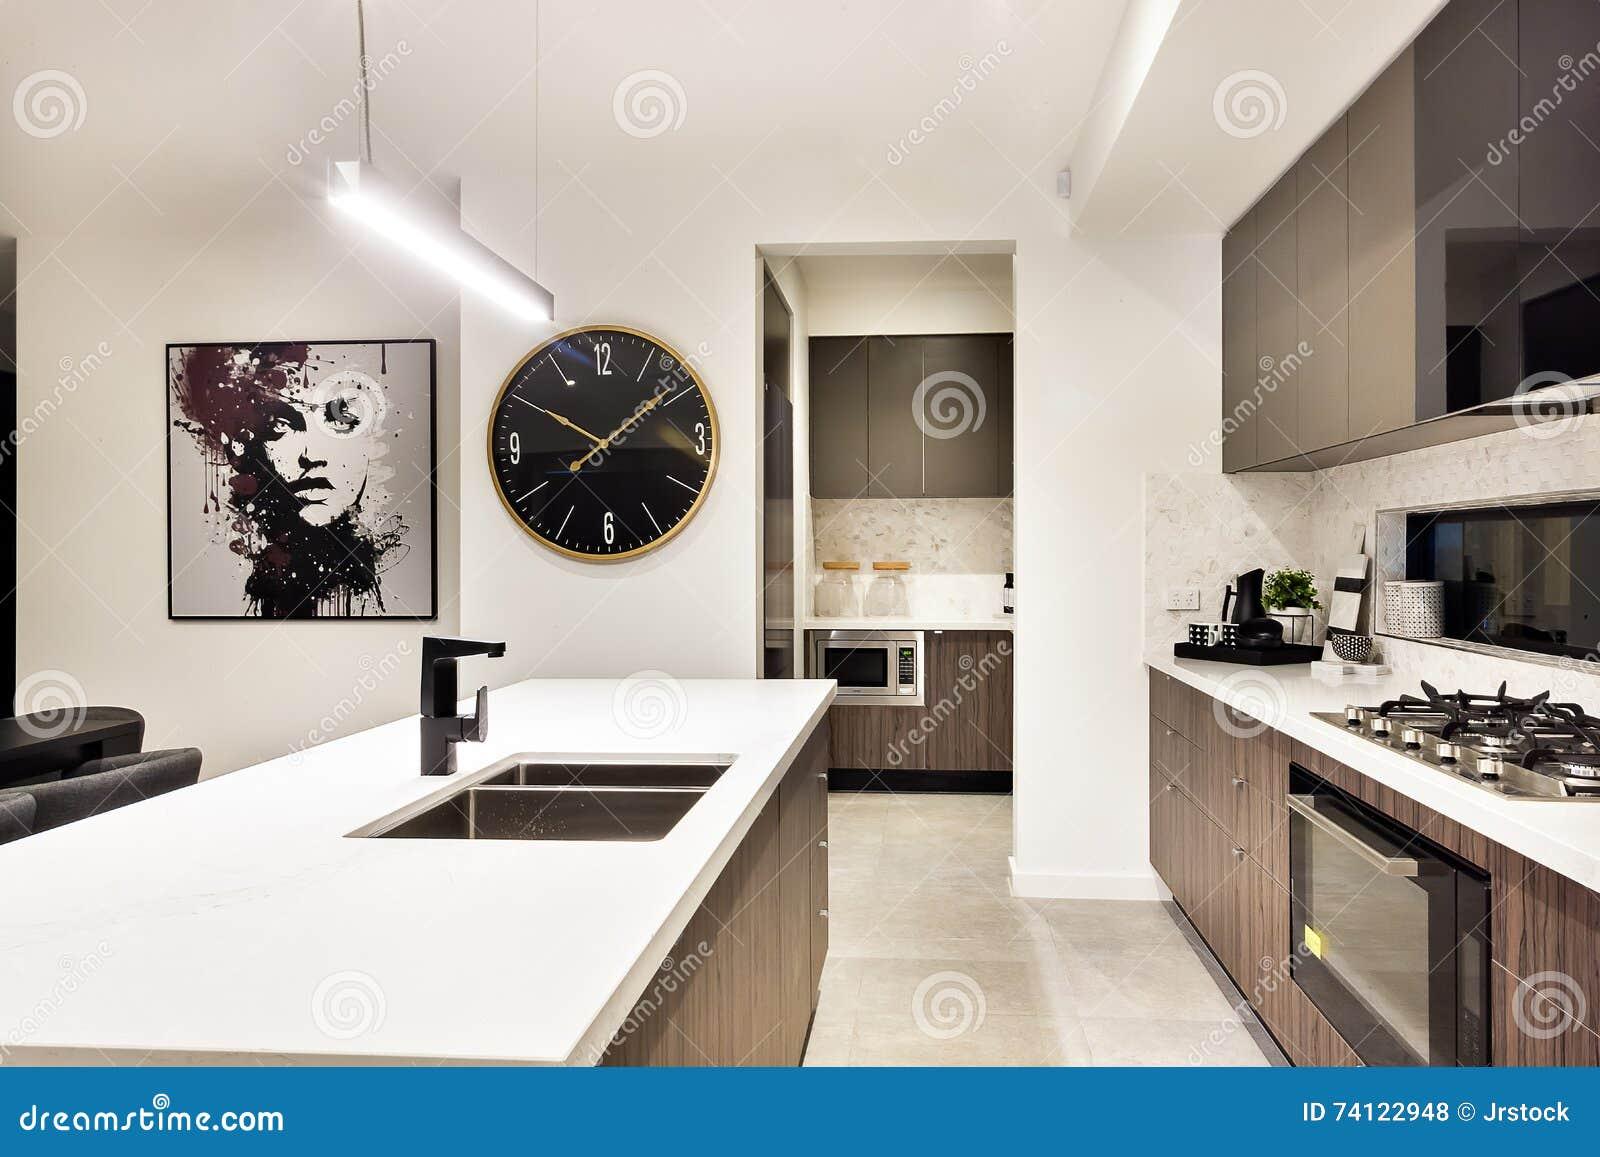 Bancadas De Cozinha Modernas Resimden Com